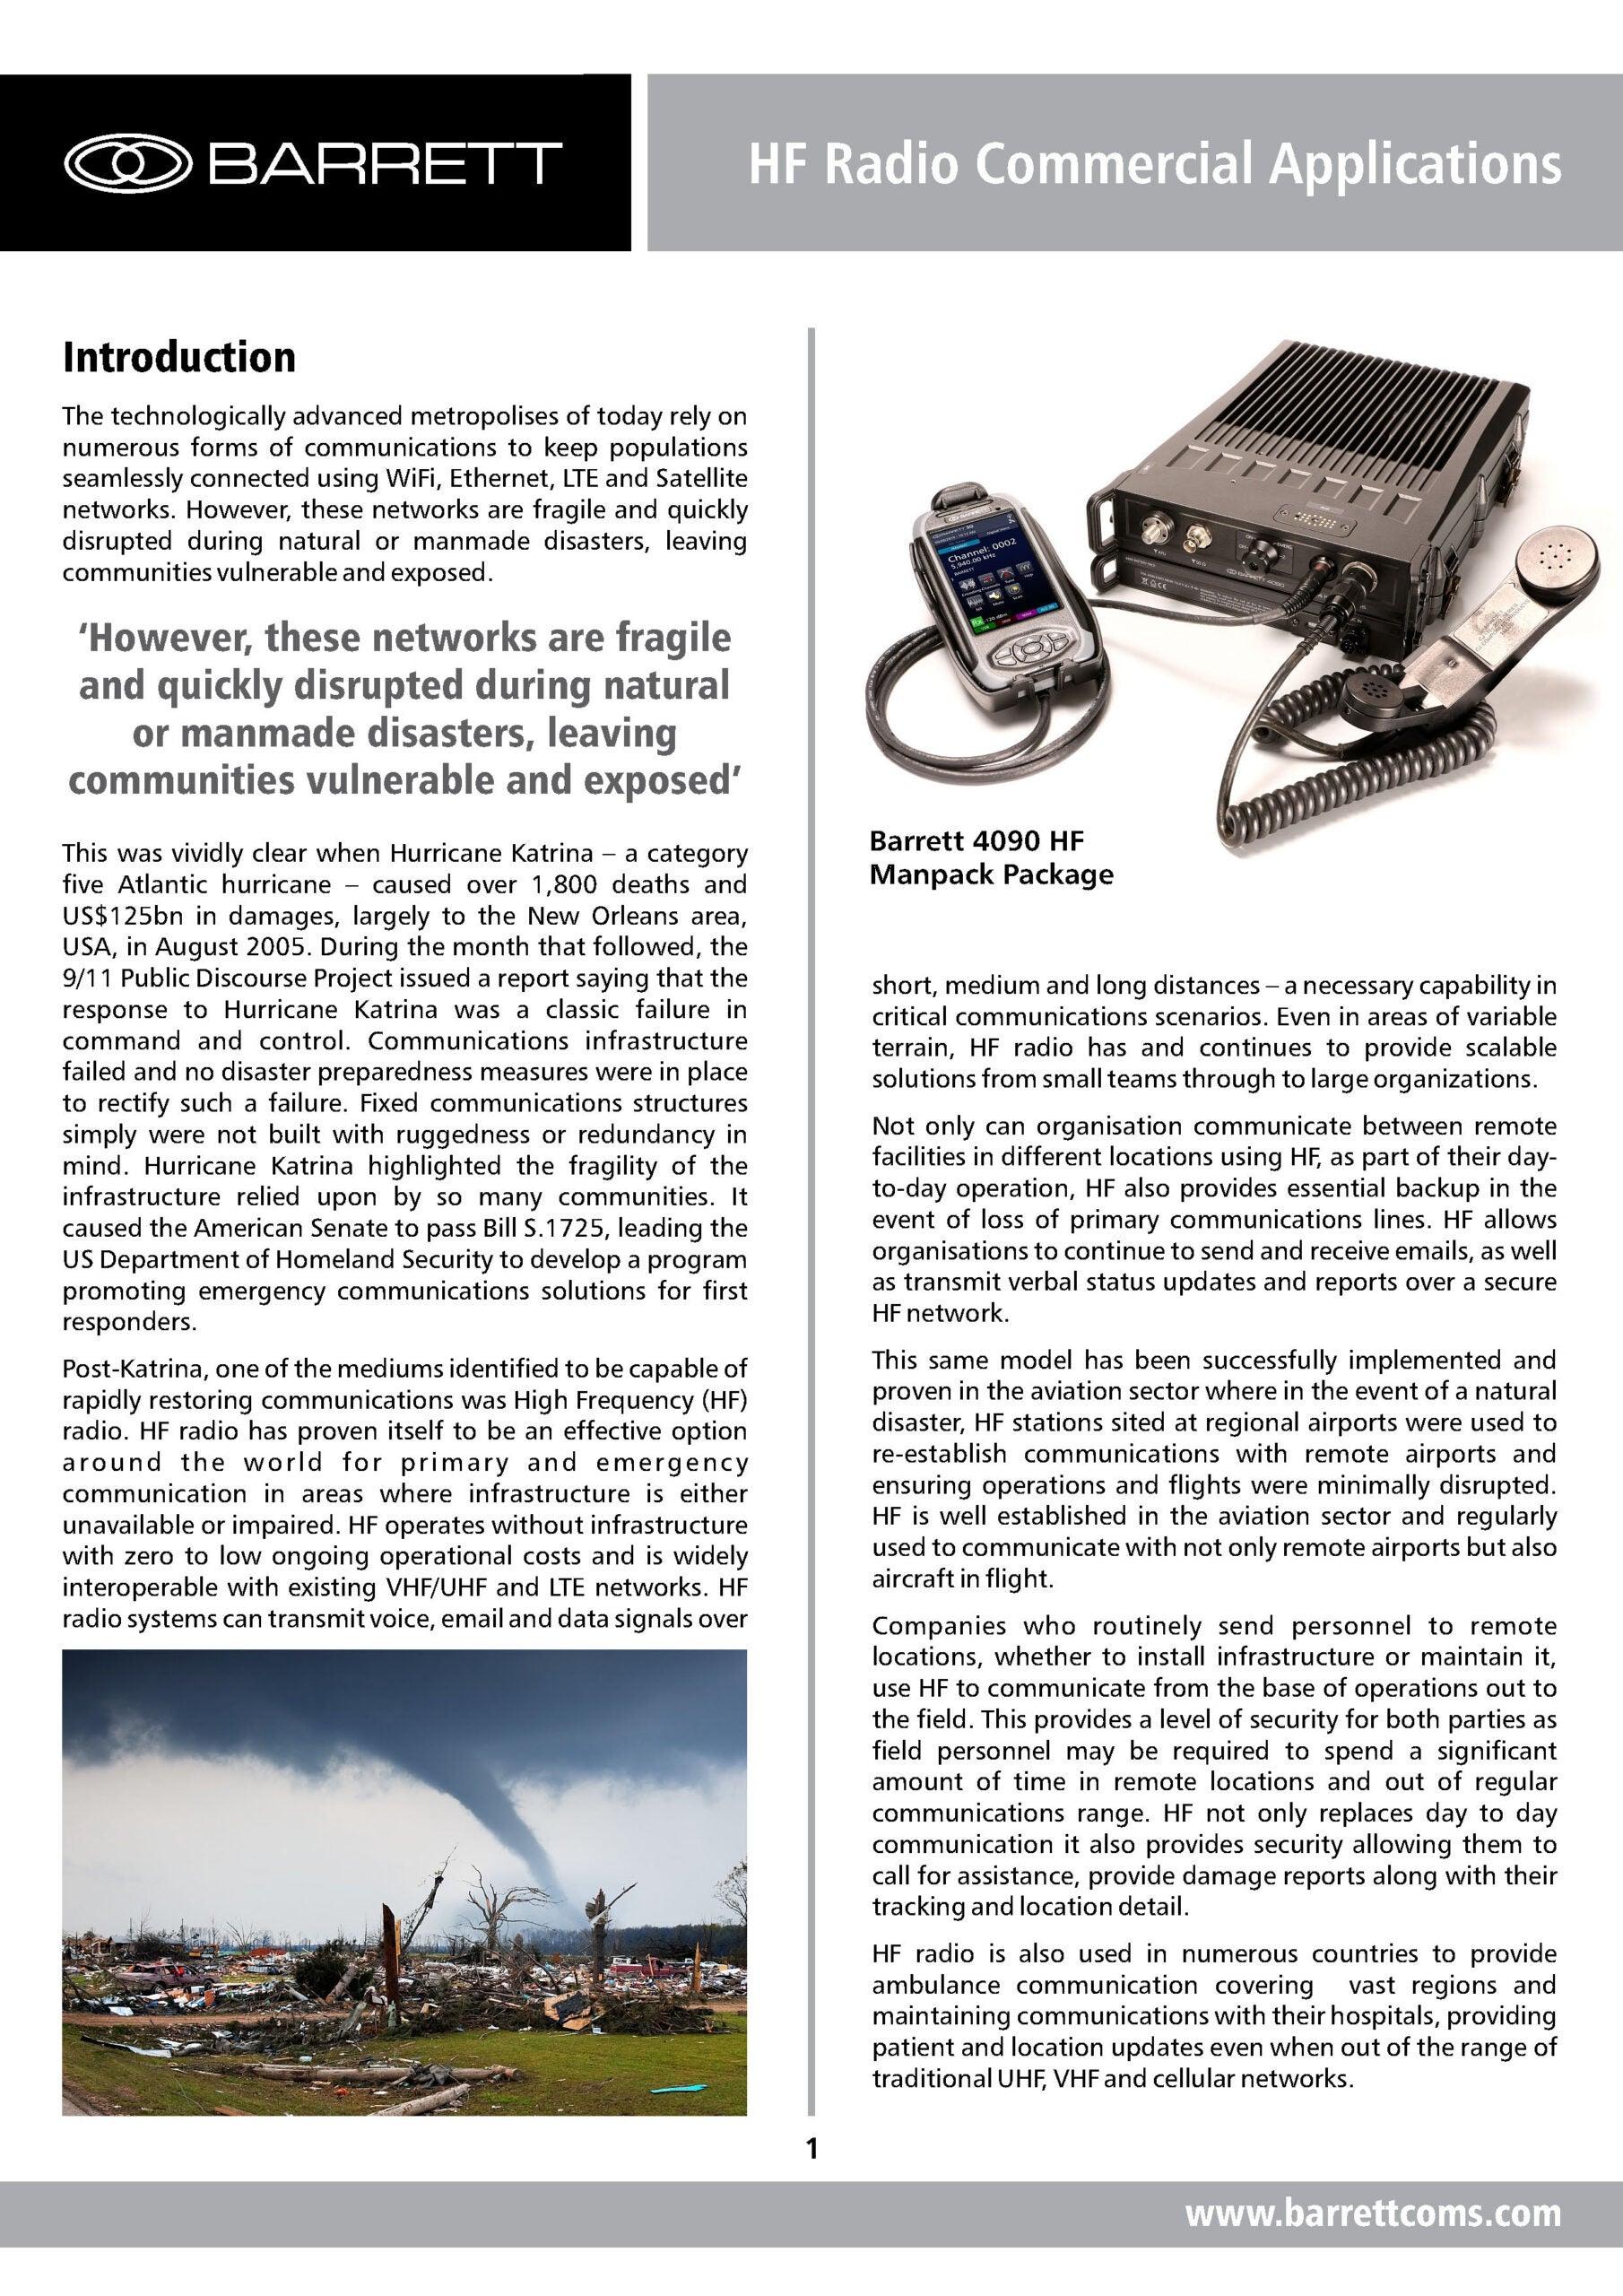 Barrett HF Radio Commercial Applications